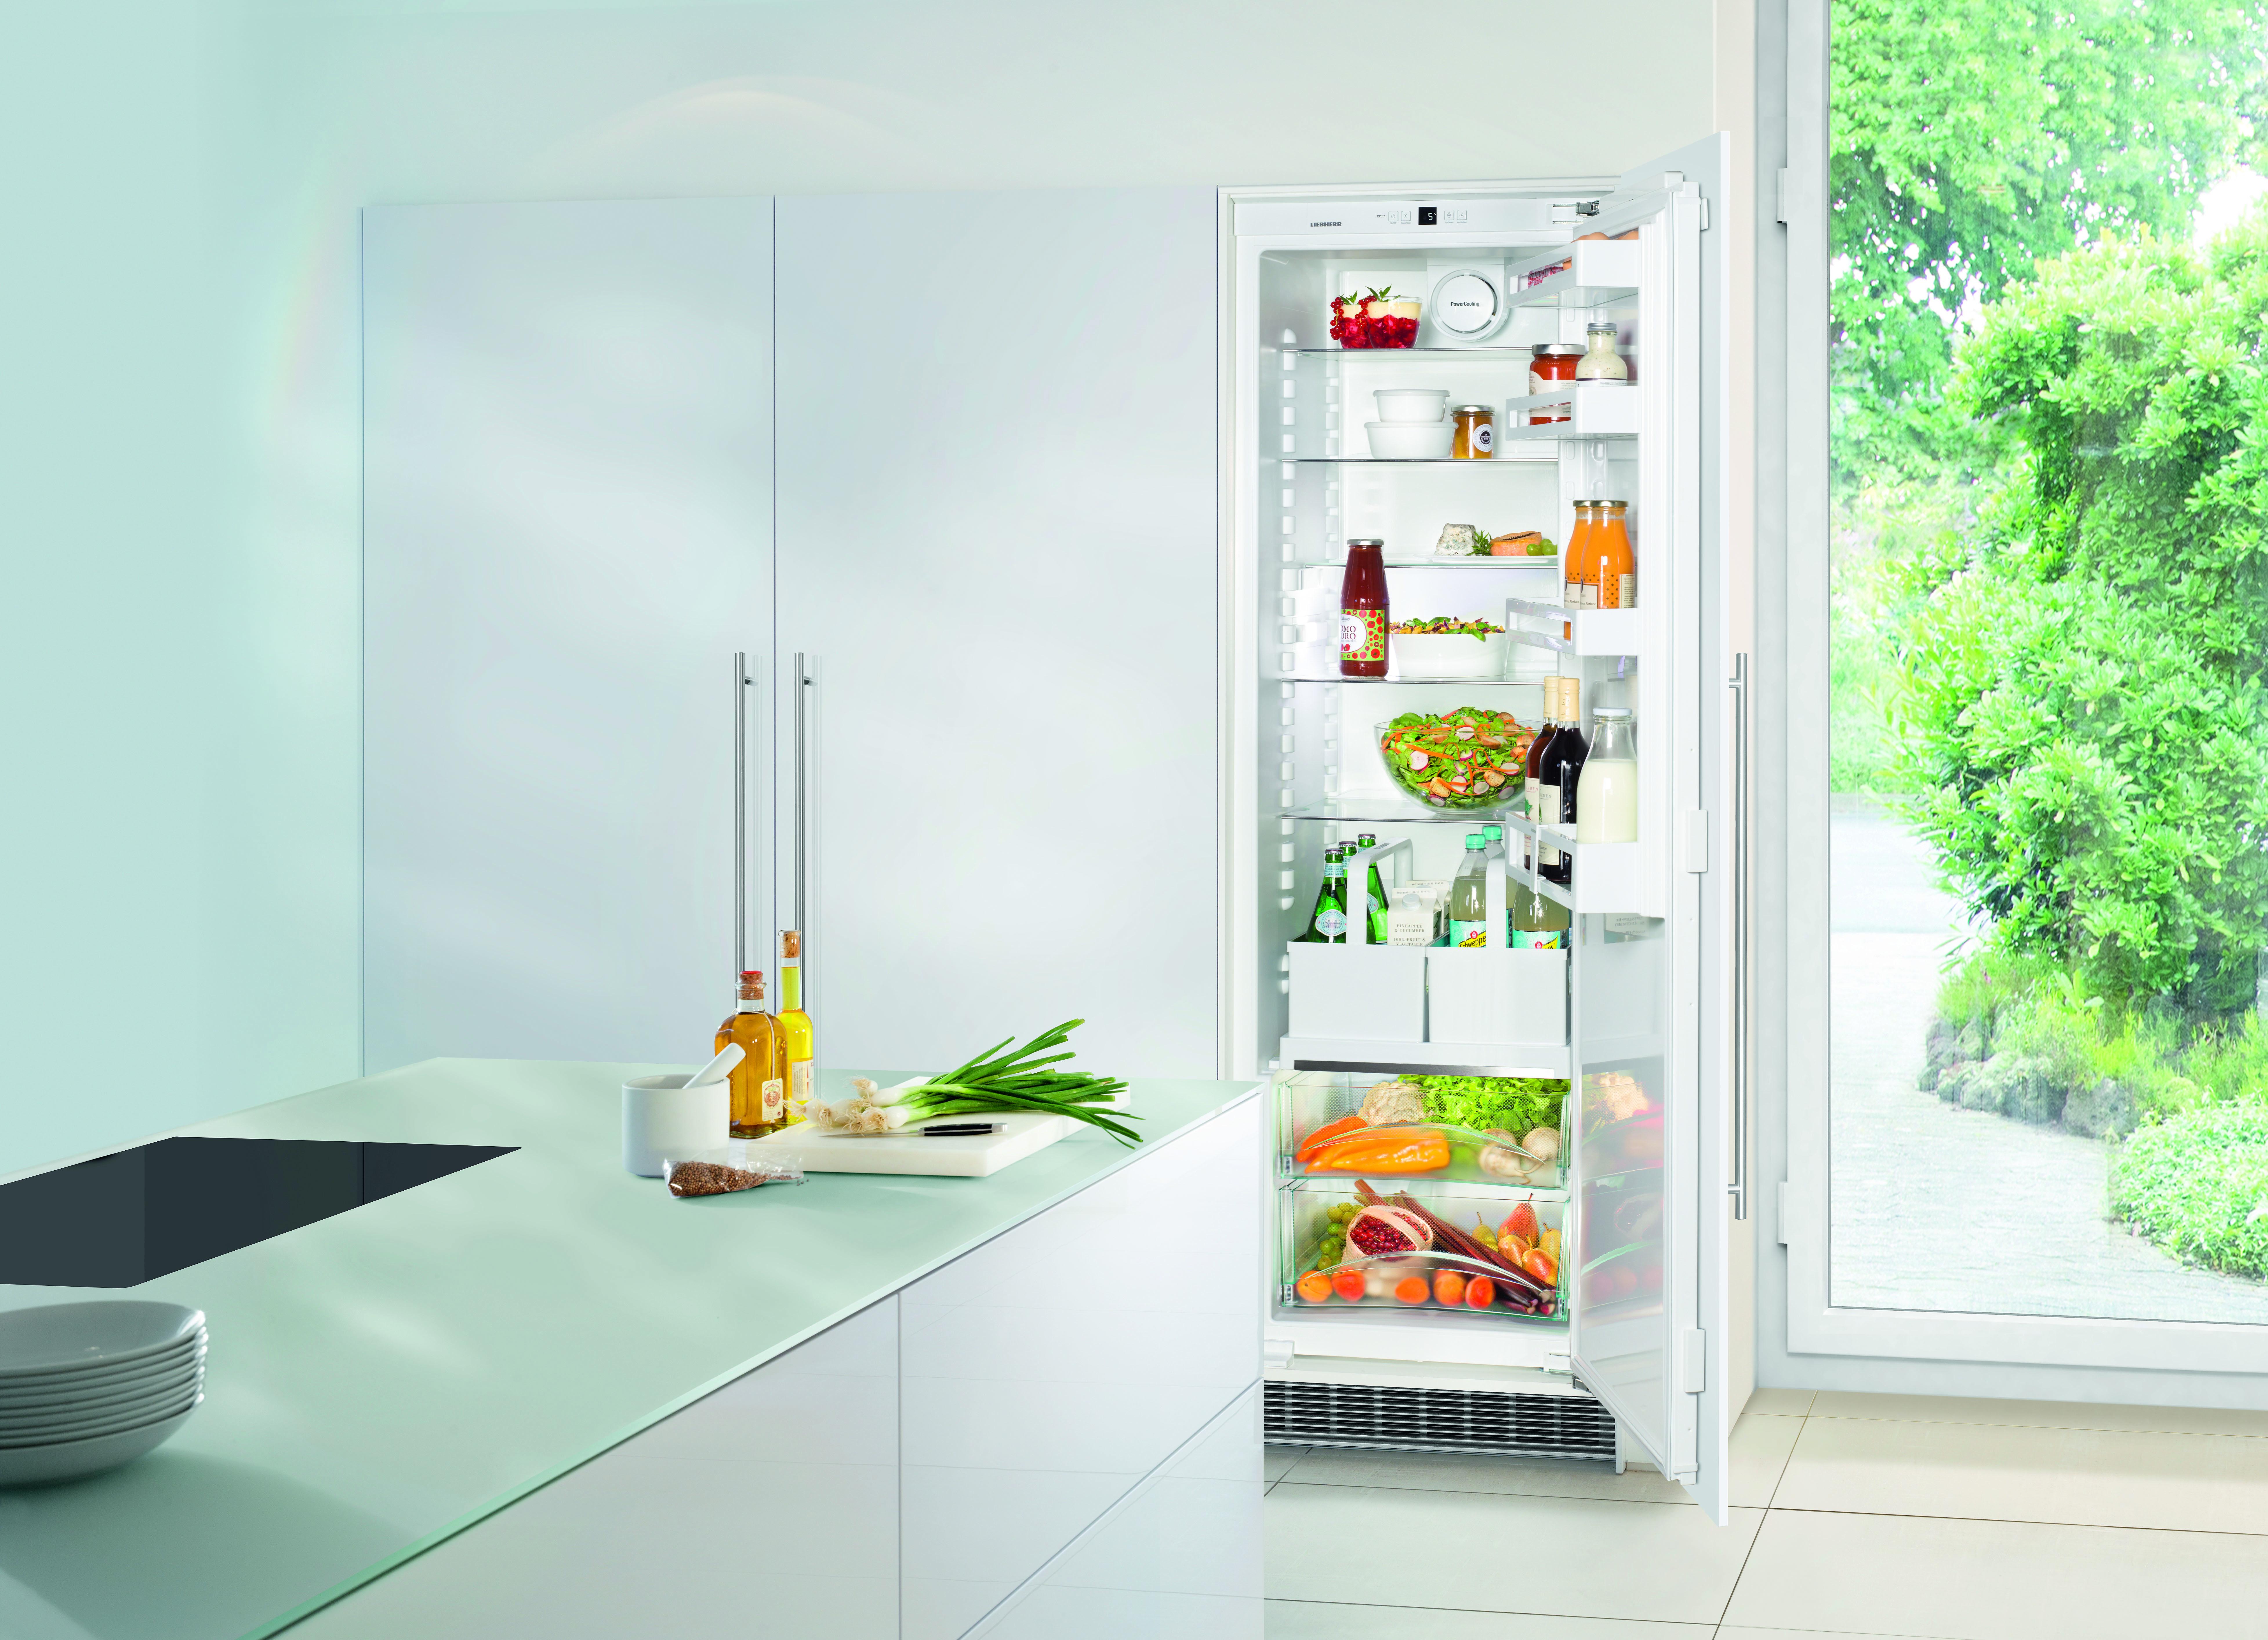 Getrankelagerung deluxe kuhlschrank mit auszugsbord fur for Kühlschrank mit eiswürfelmaker